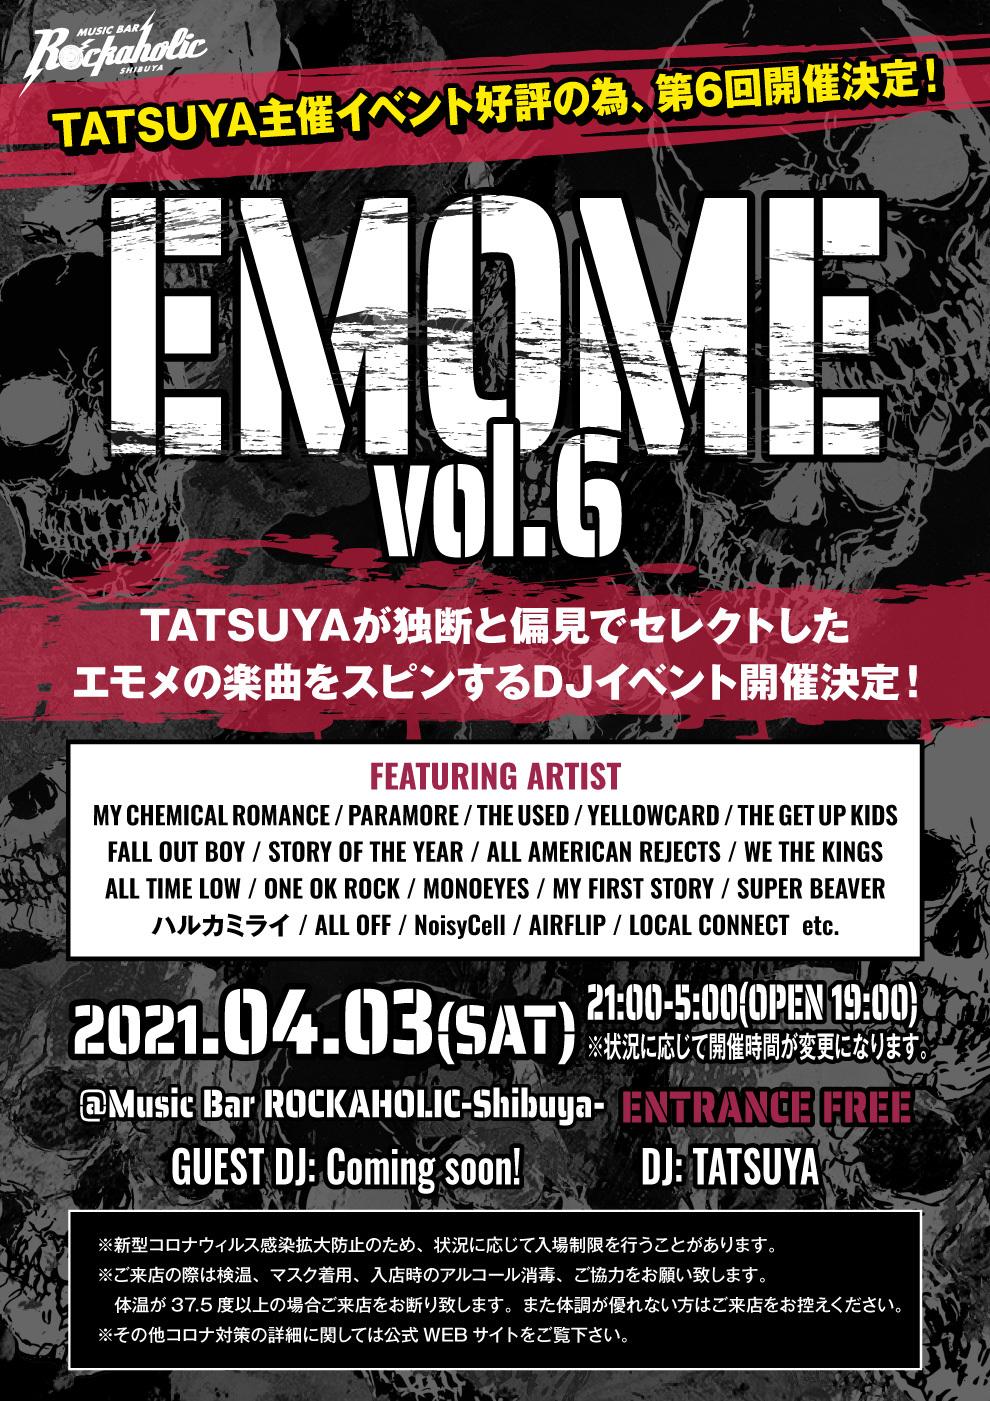 https://bar-rockaholic.jp/shibuya/blog/20210223_185720.jpg